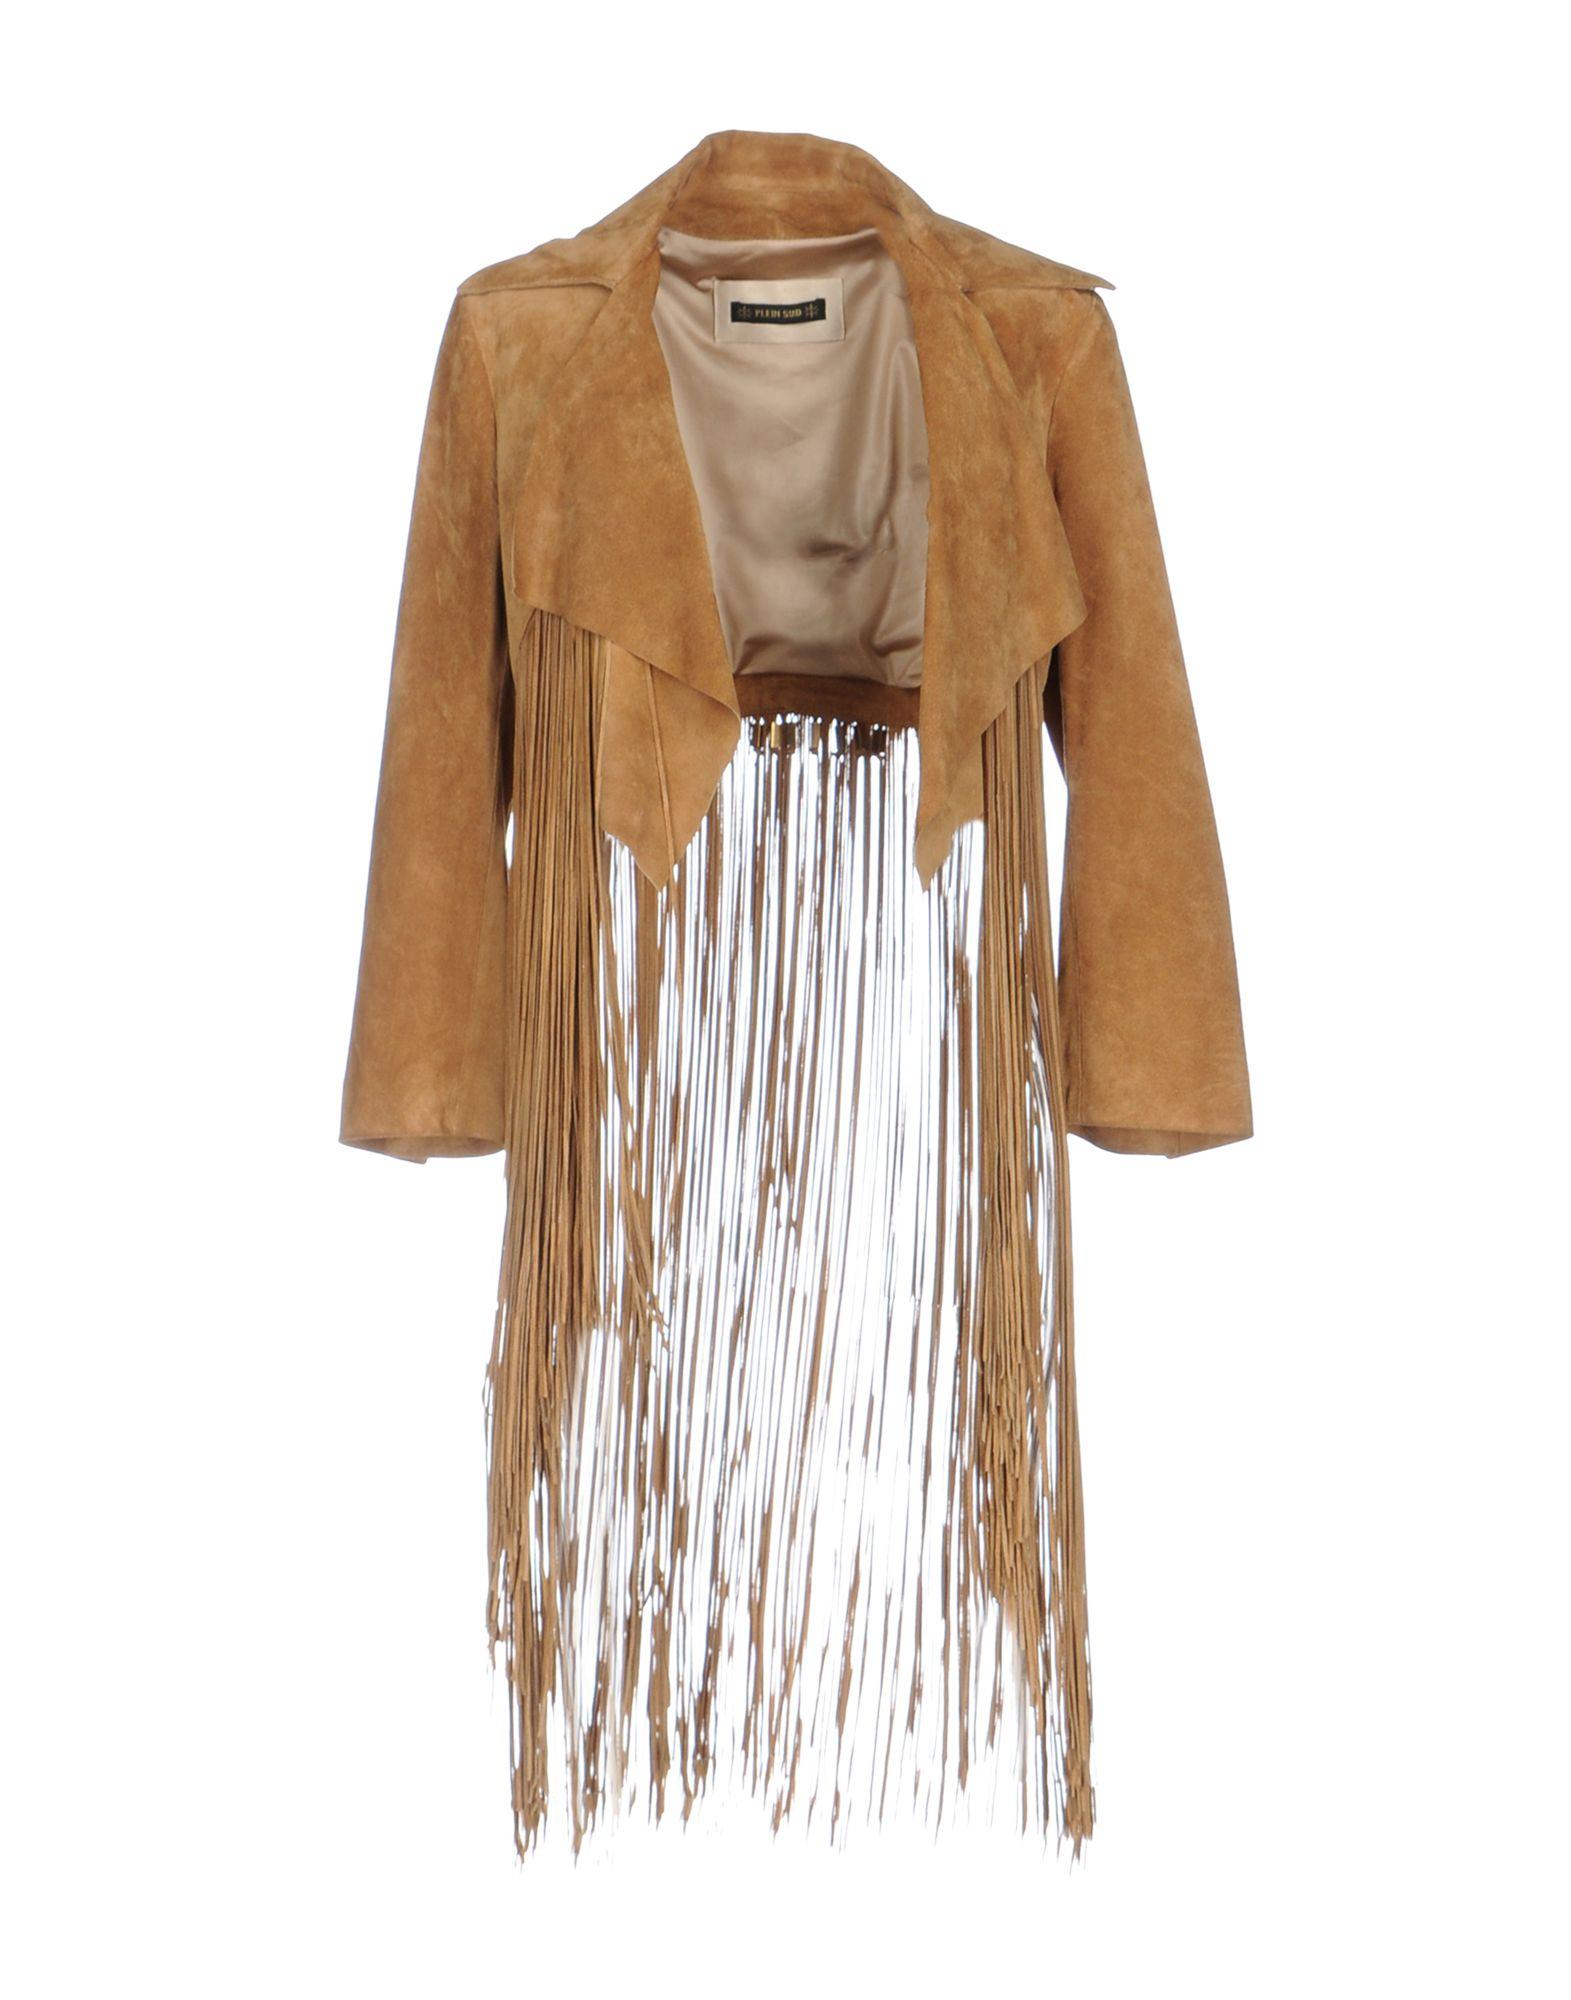 PLEIN SUD PAR FAYҪAL AMOR Damen Jackett Farbe Kamel Größe 6 - broschei